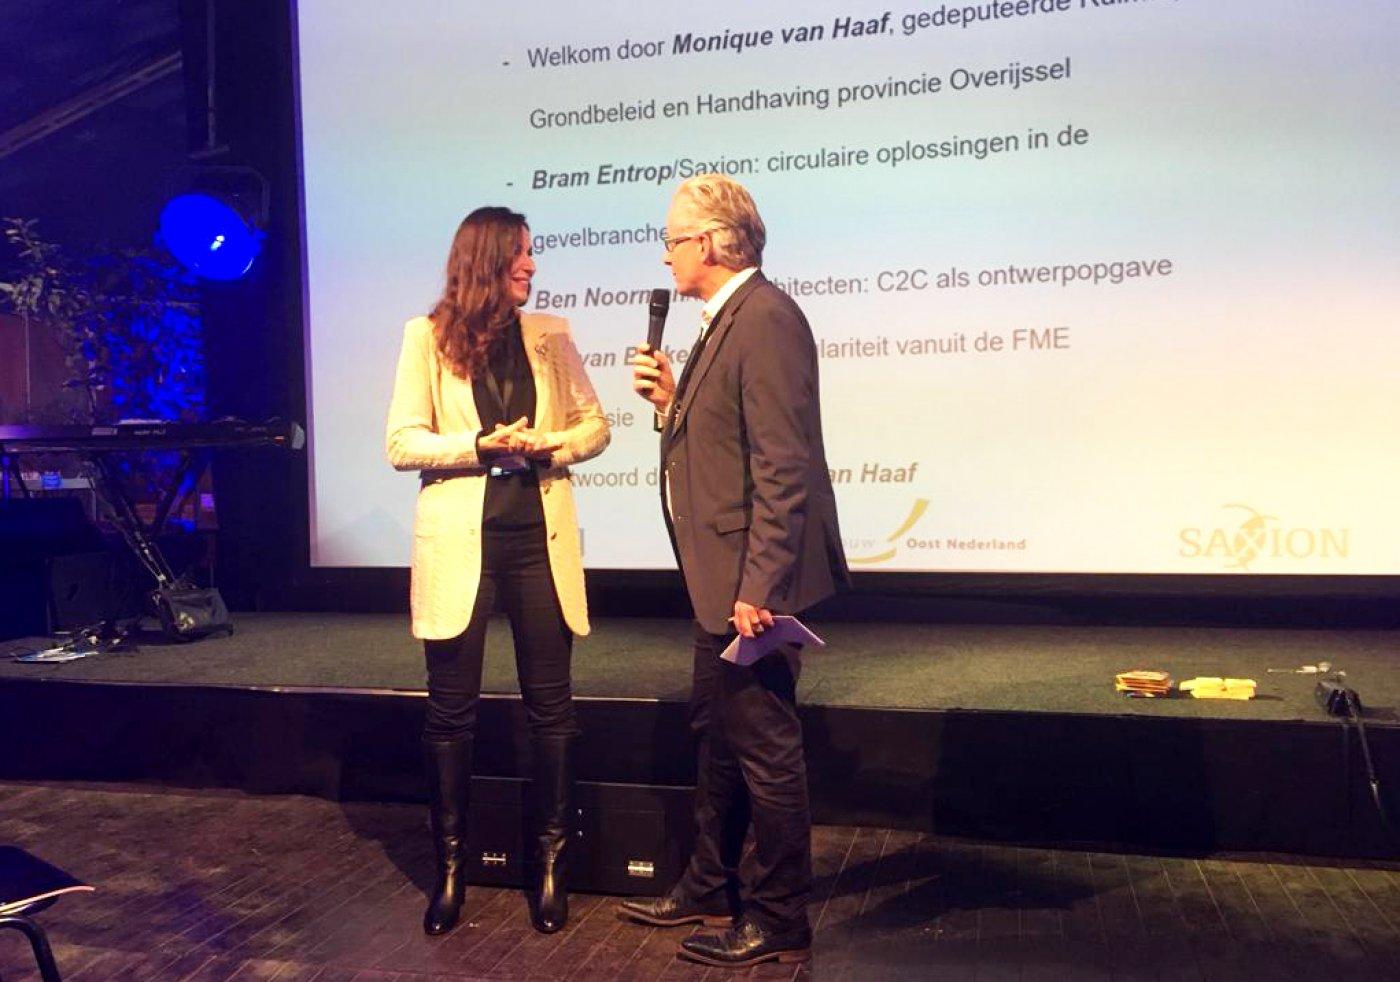 Theo de Bruijn interviewt Monique van Haaf